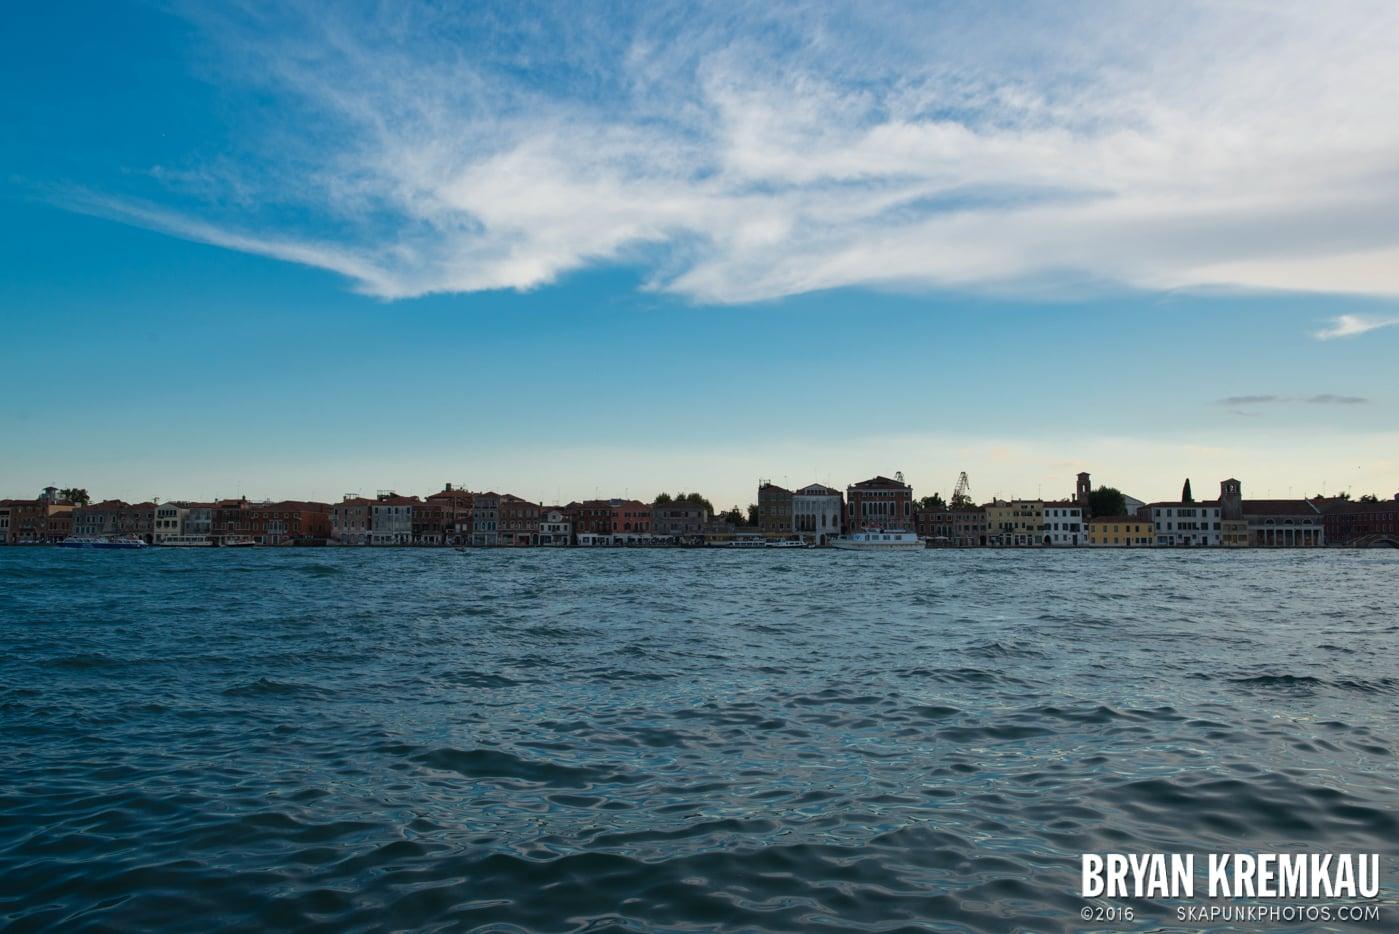 Italy Vacation - Day 4: Venice - 9.12.13 (19)